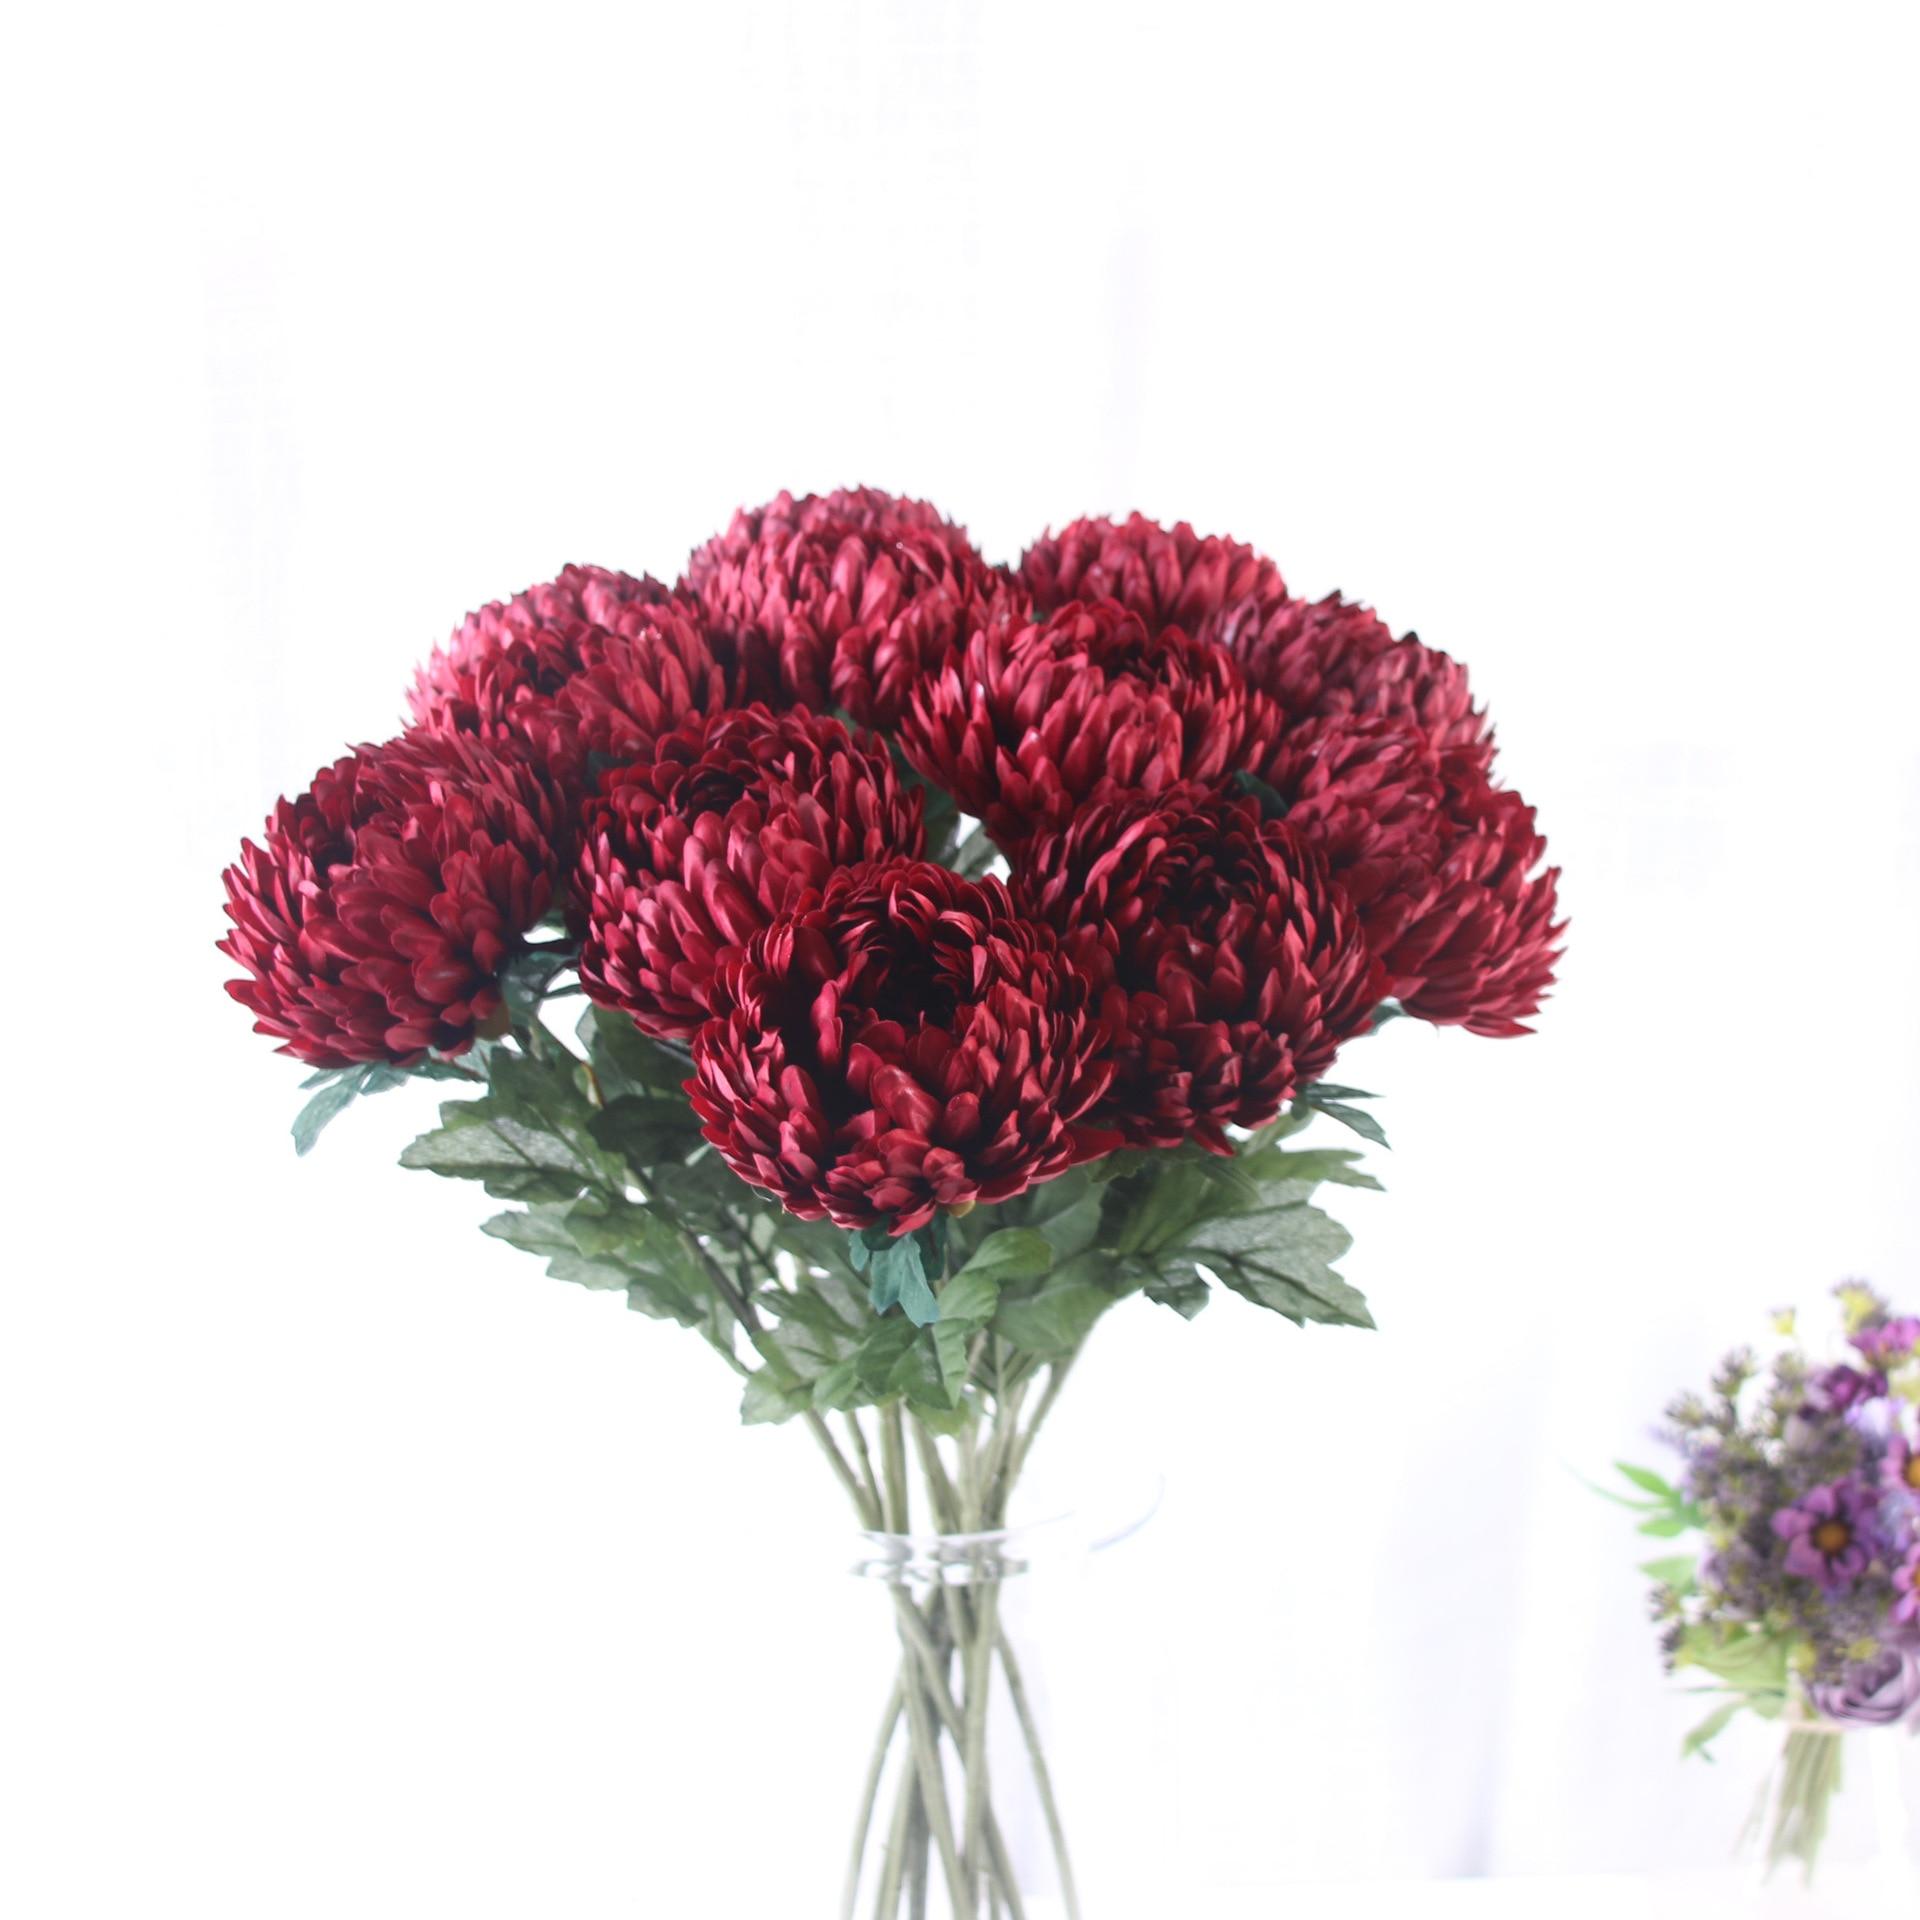 Крупные хризантемы 58 см, искусственные шелковые цветы, цветы, осень, свадьба, украшения «сделай сам», аксессуары, искусственные растения